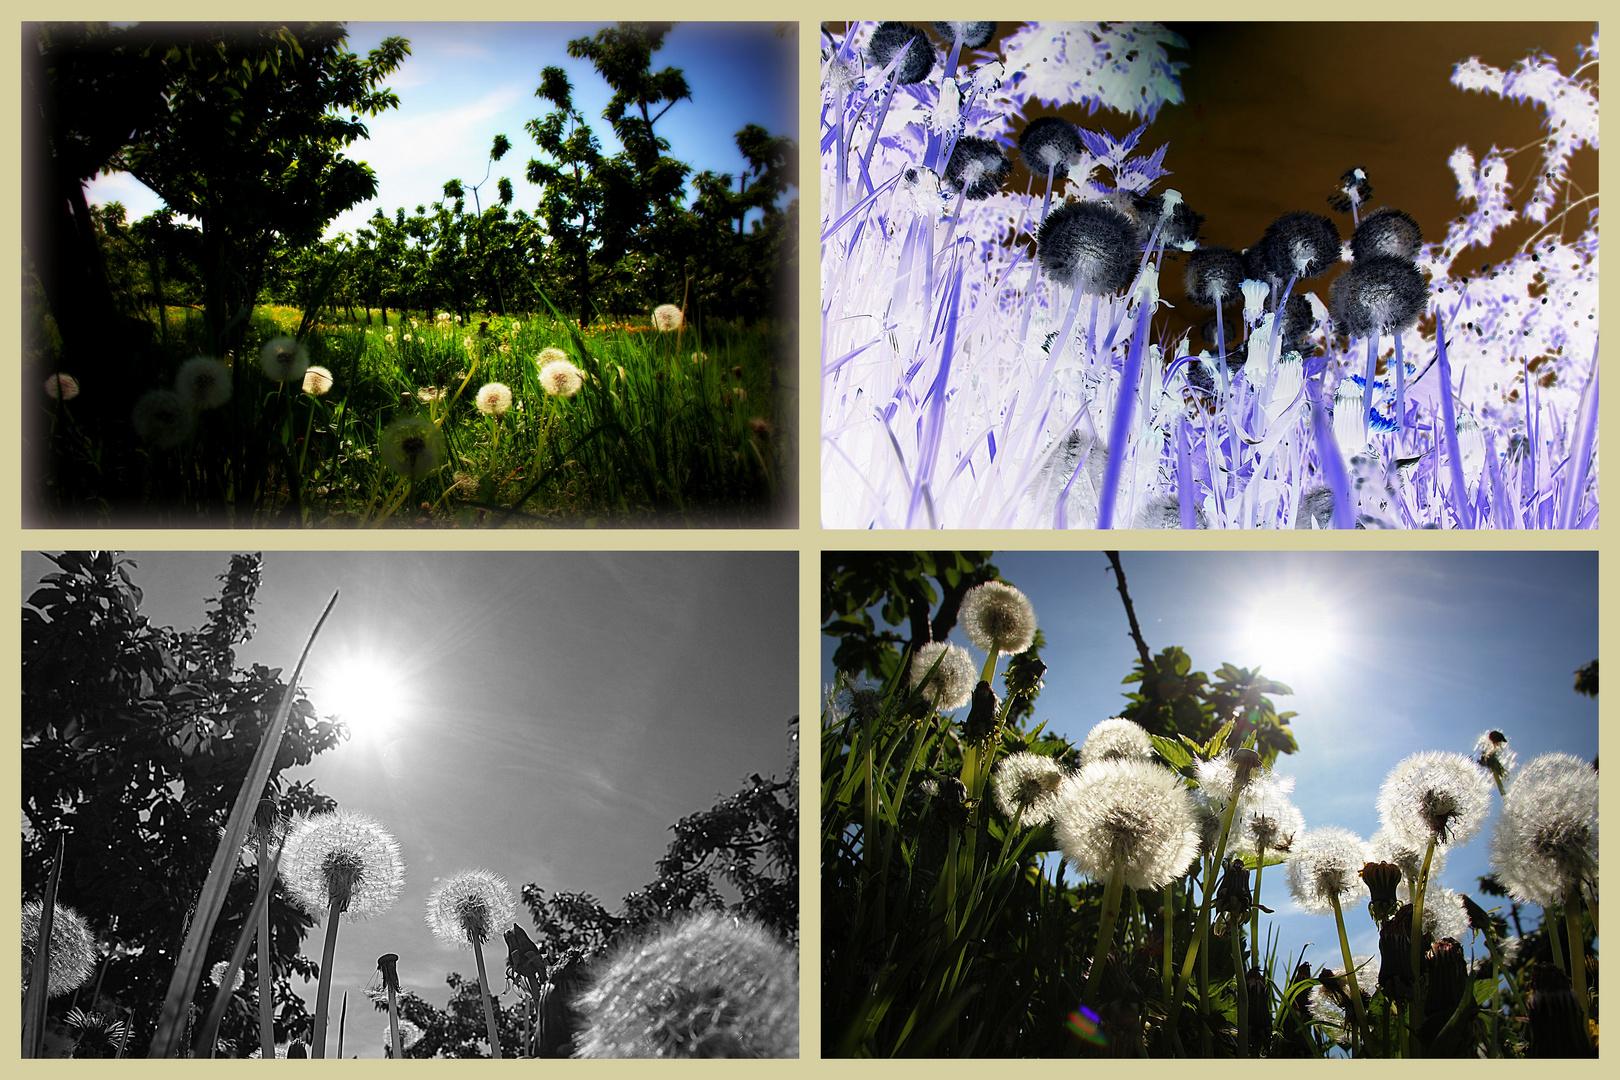 Summermovie